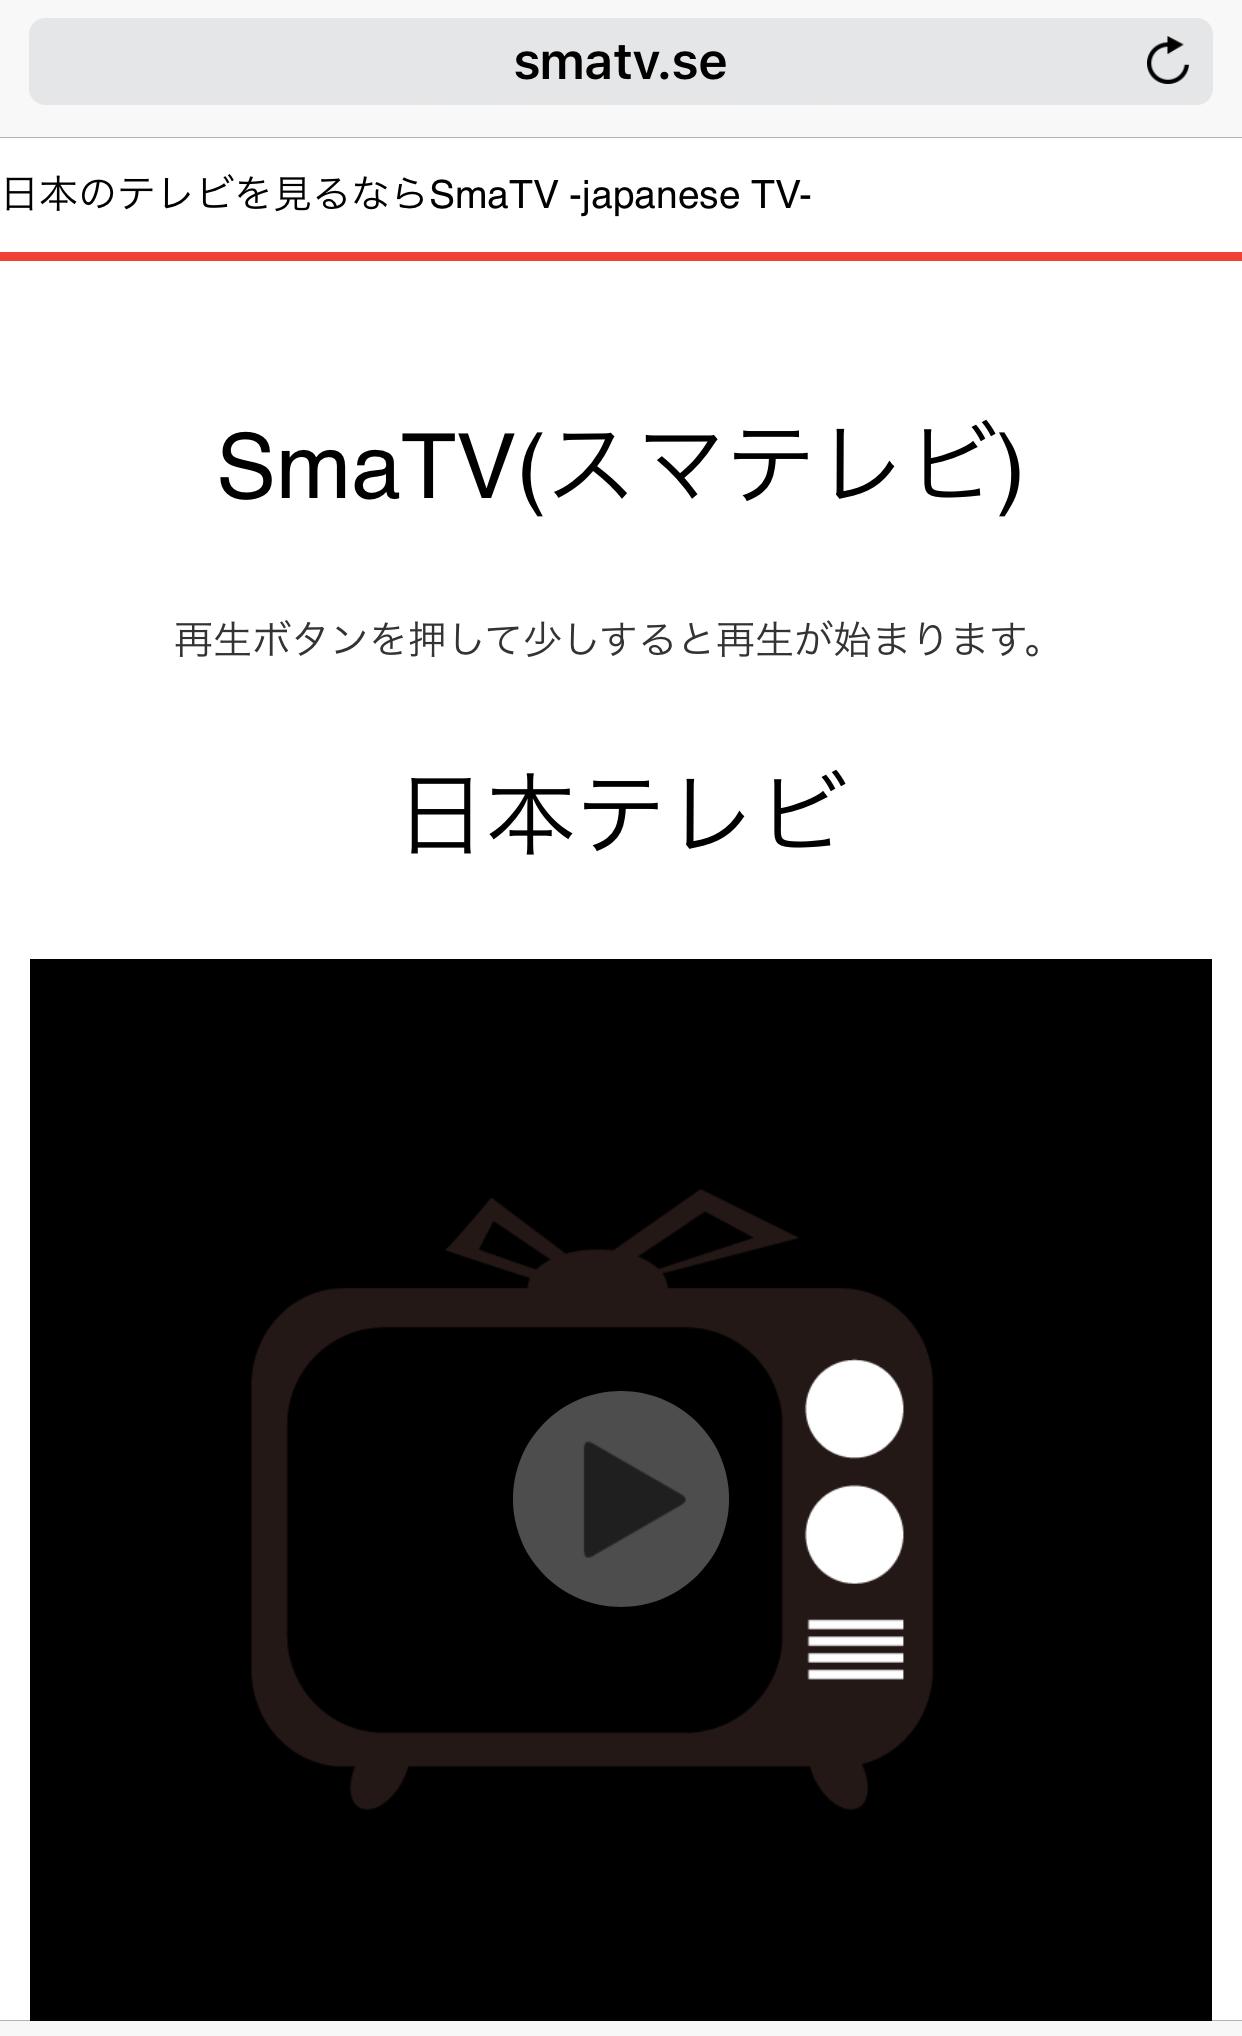 【iPhone7裏ワザ】無料でテレビ番組をほぼリアルタイムで視聴できるSmaTV